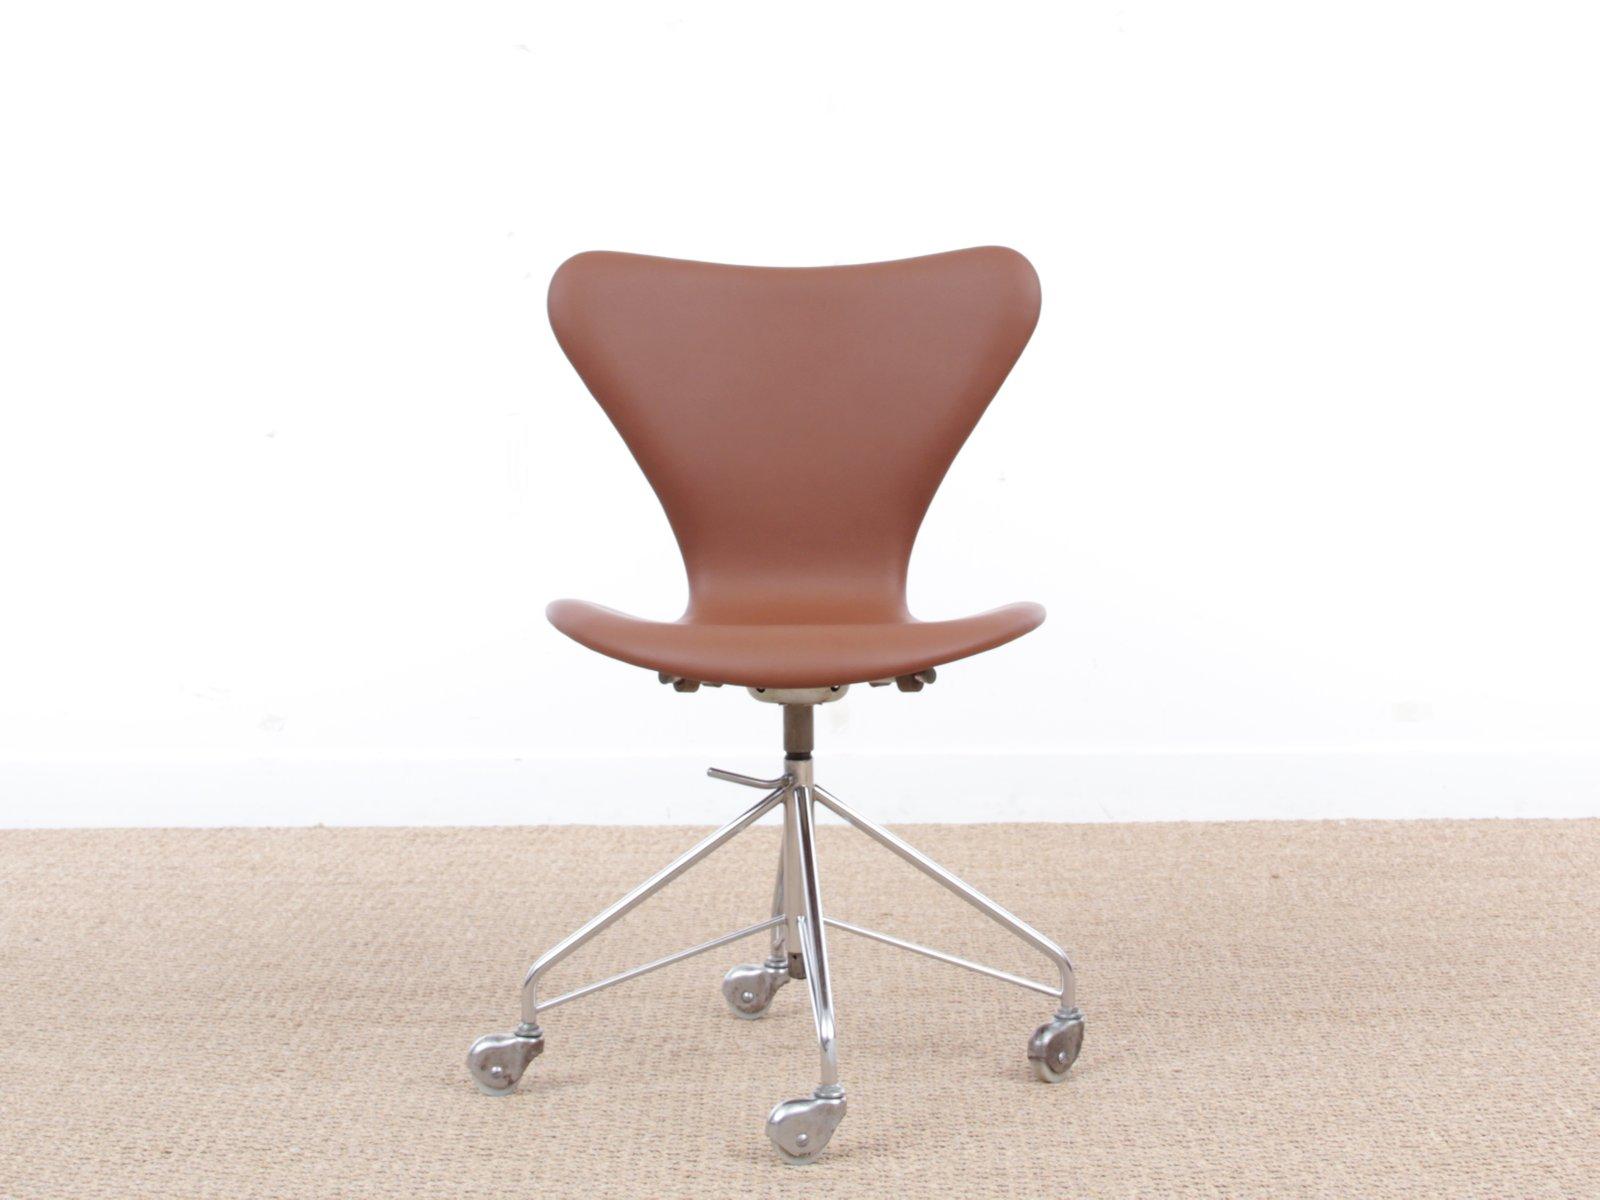 Mid Century Modern Model 3117 Desk Chair by Arne Jacobsen for